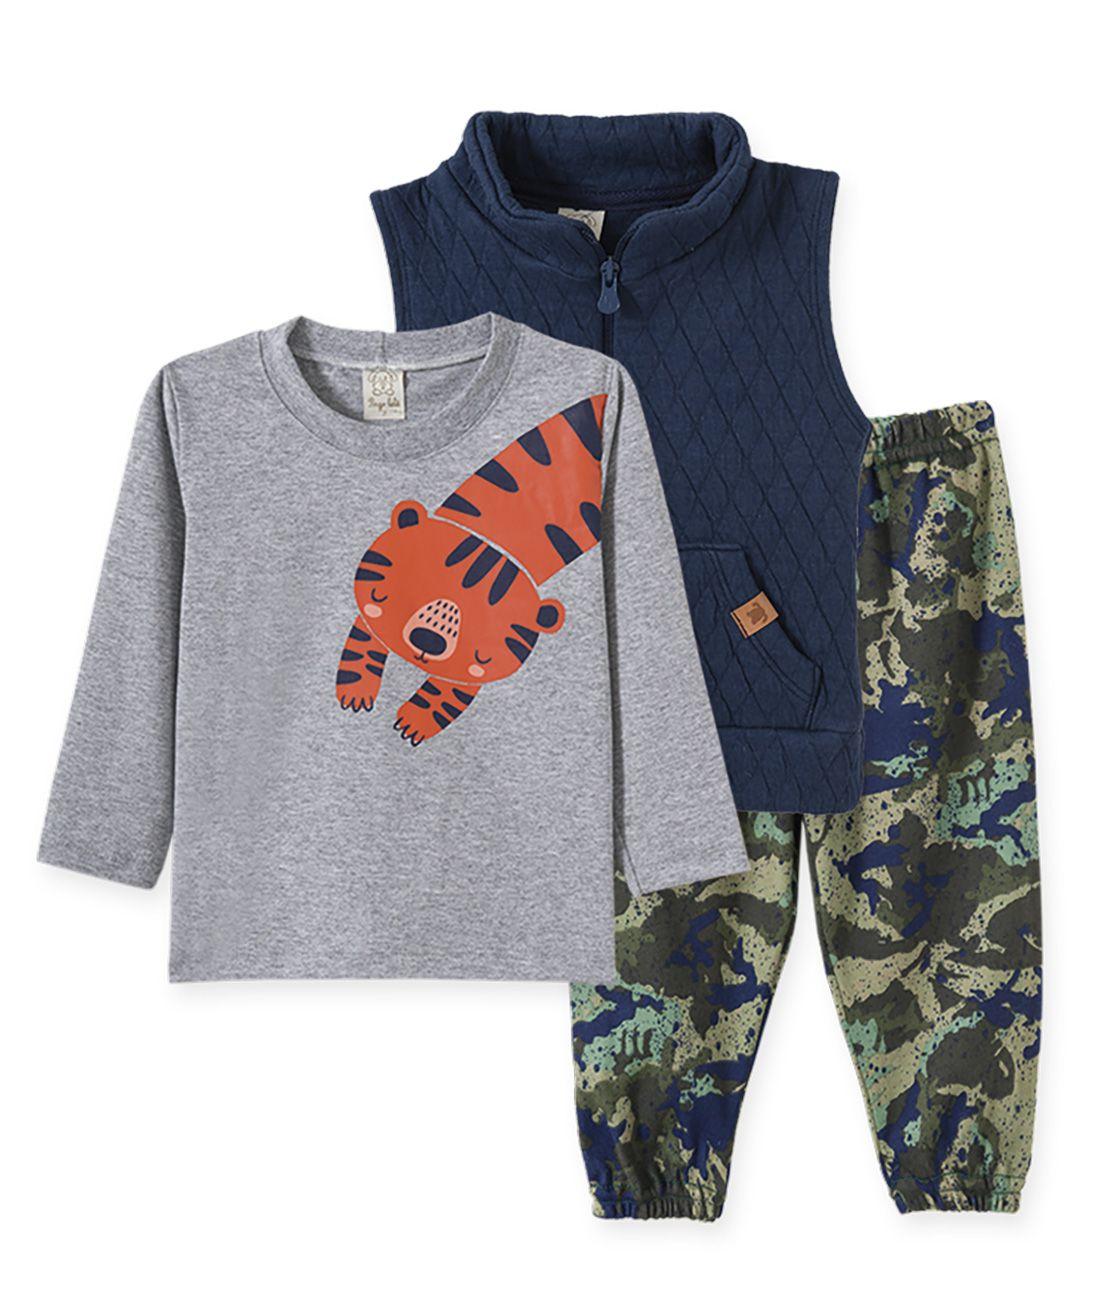 Conjunto Infantil camiseta manga longa, Calça e Colete Metalassê Pingo Lelê Marinho, mescla e Camuflado